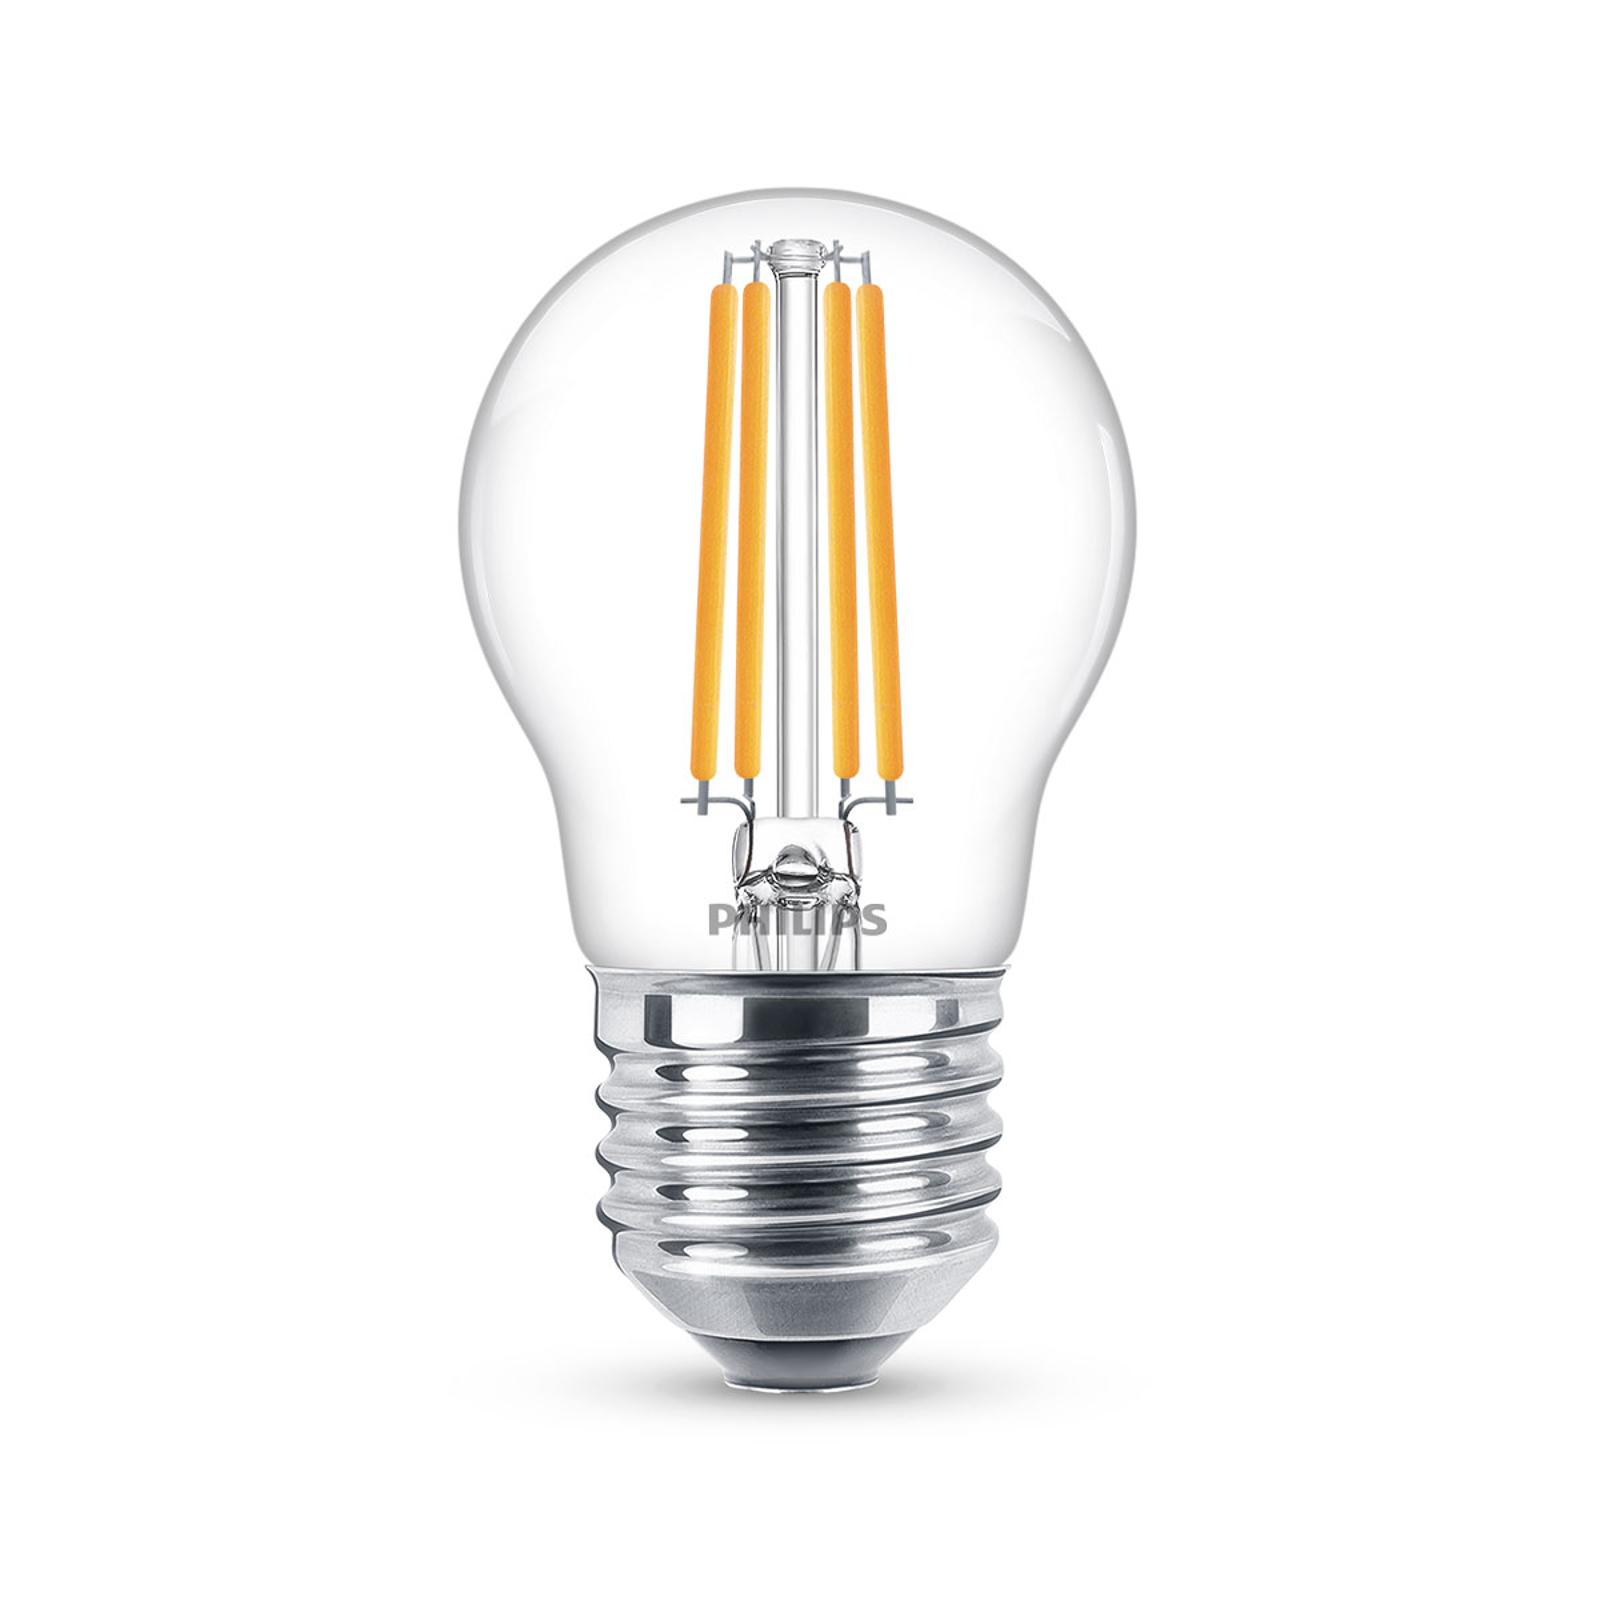 Philips Classic LED-Lampe E27 P45 6,5W 2.700K klar